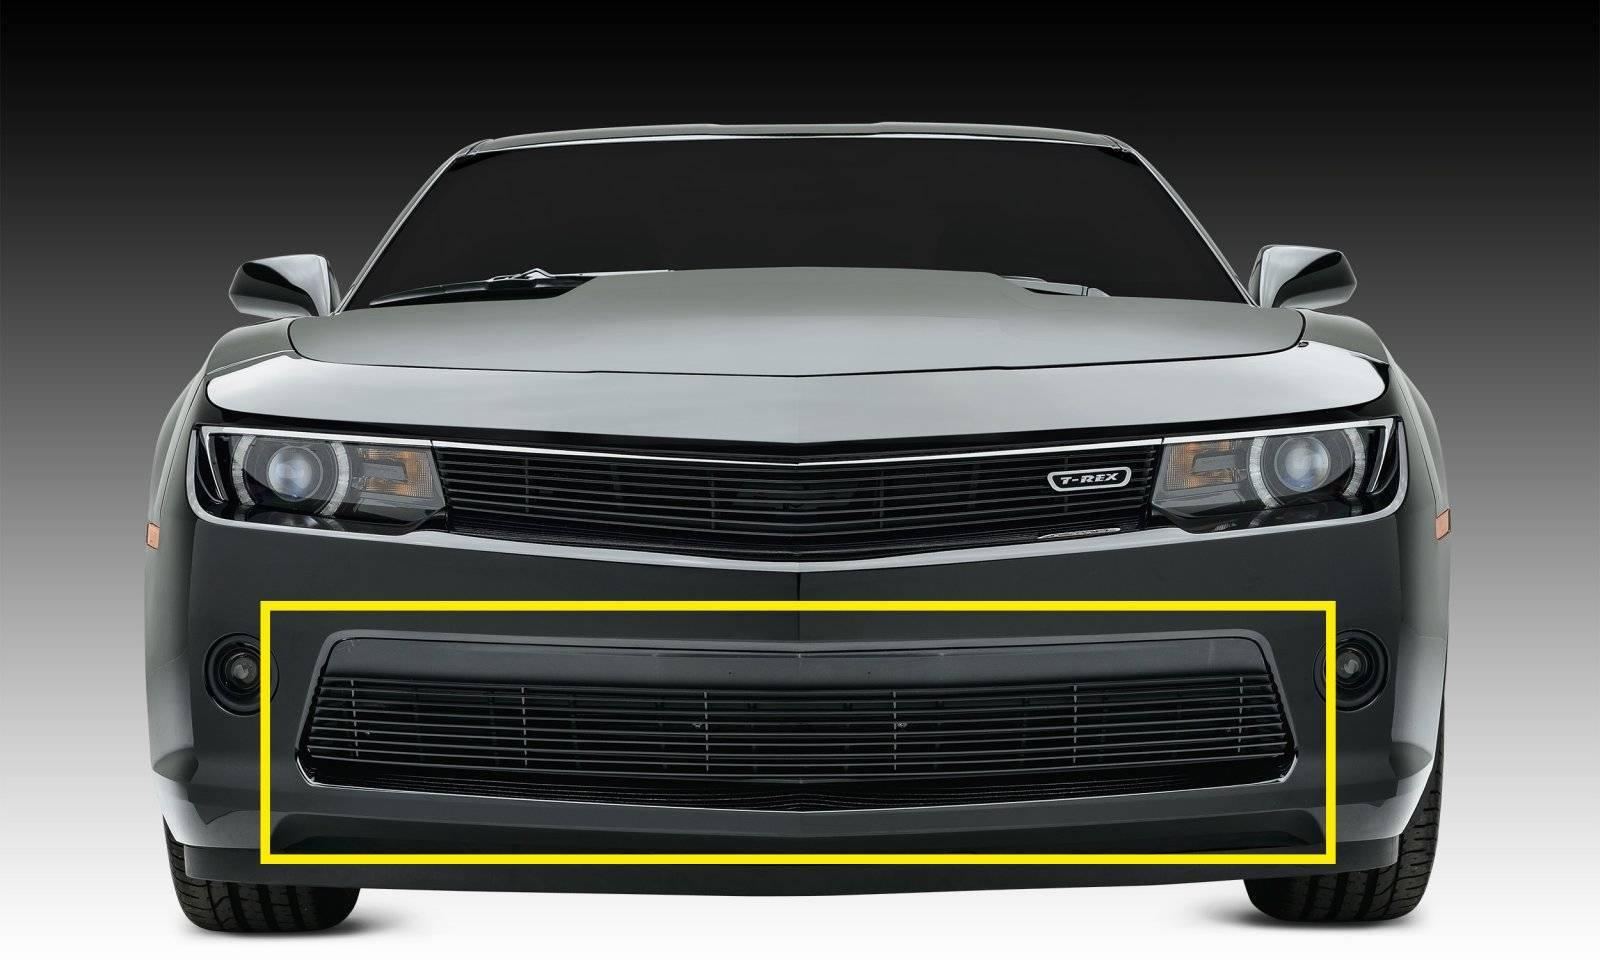 T-REX Grilles - 2014-2015 Camaro Billet Bumper Grille, Black, 1 Pc, Overlay, V6 - PN #25031B